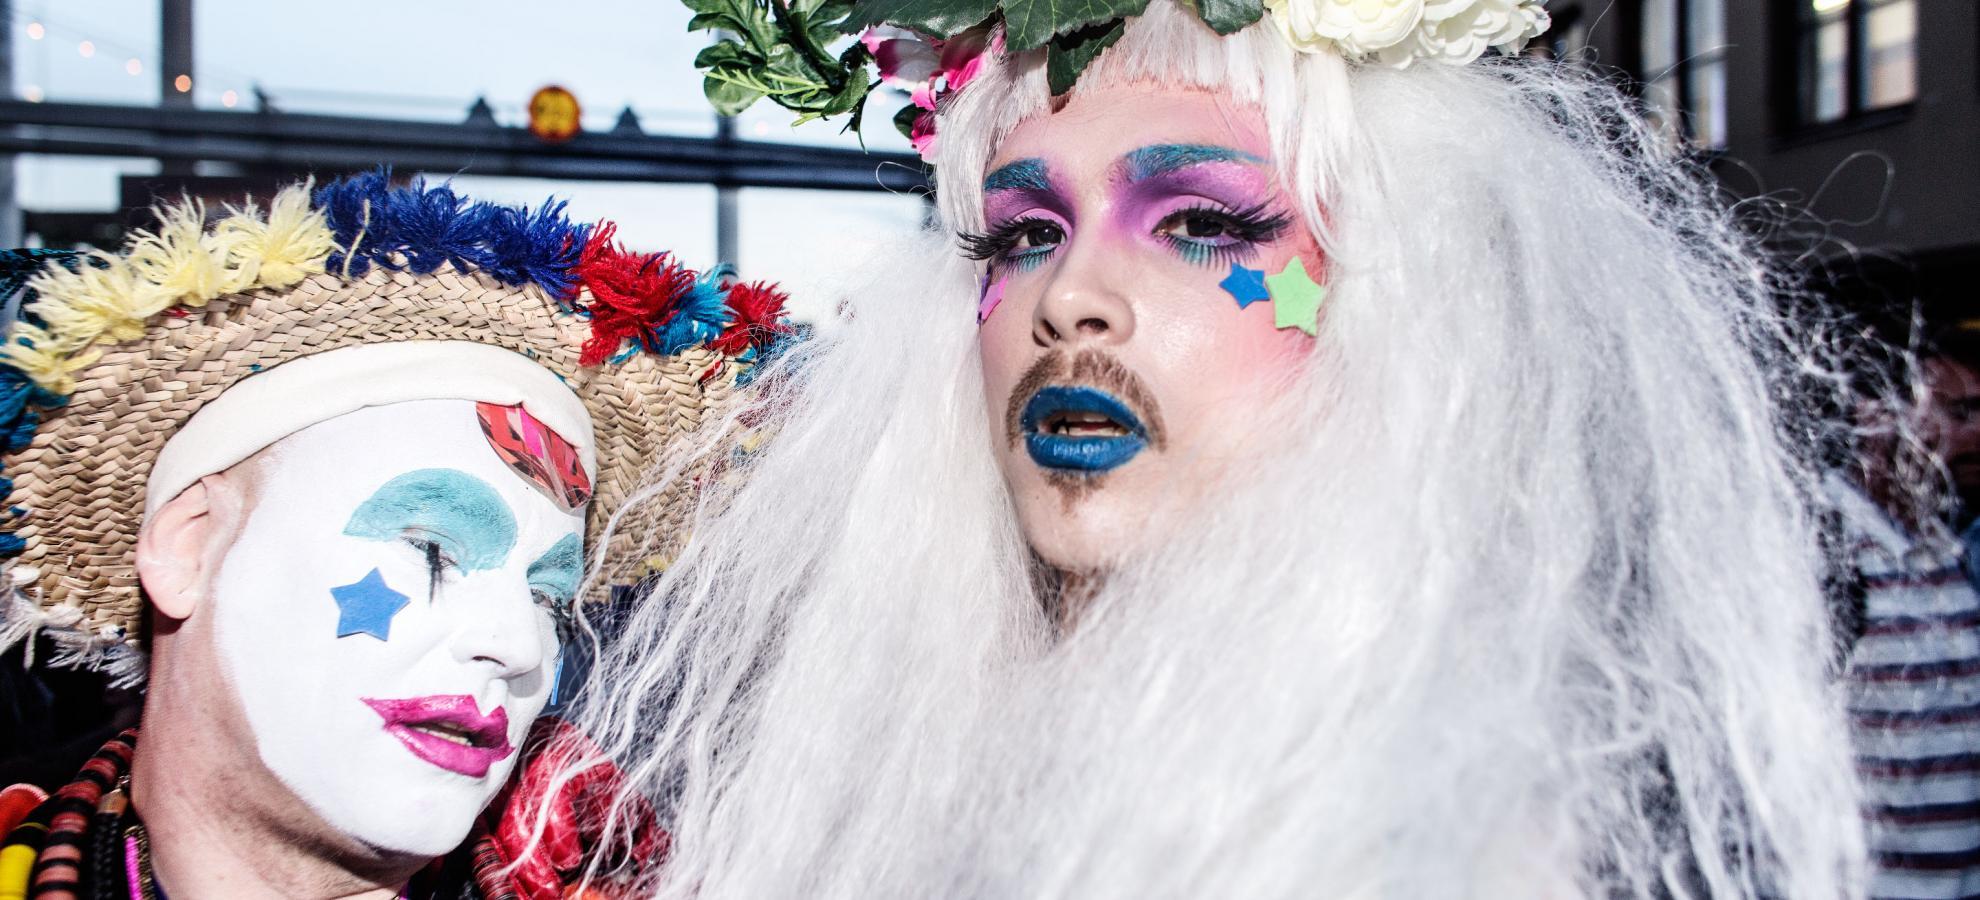 gay escort finland seksi sivusto